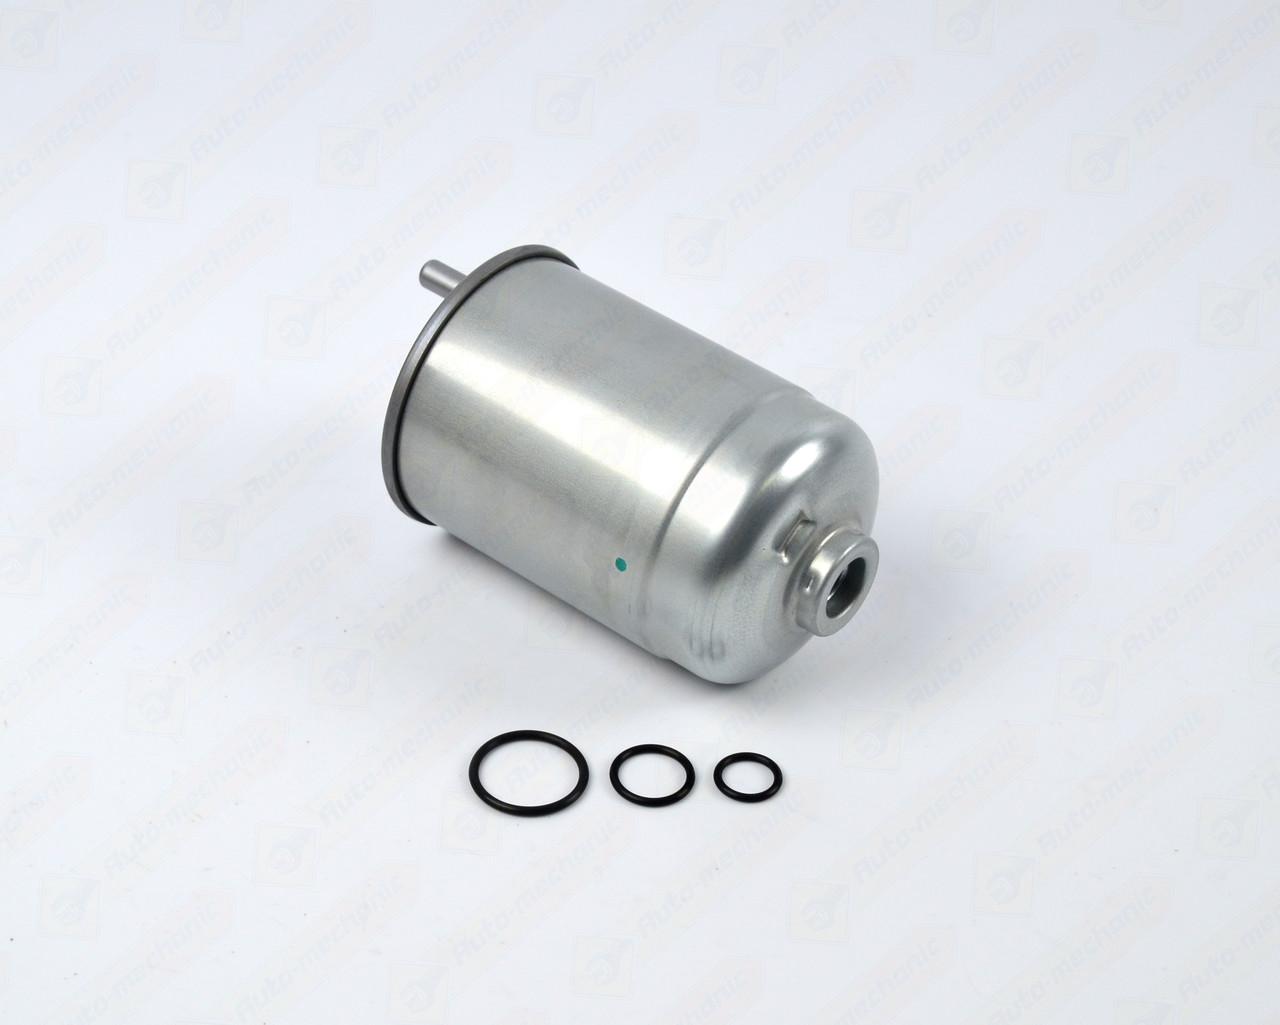 Фильтр топливный на Renault Scenic III  1.5dCi+2.0dCi - Renault (Оригинал) - 164009384R